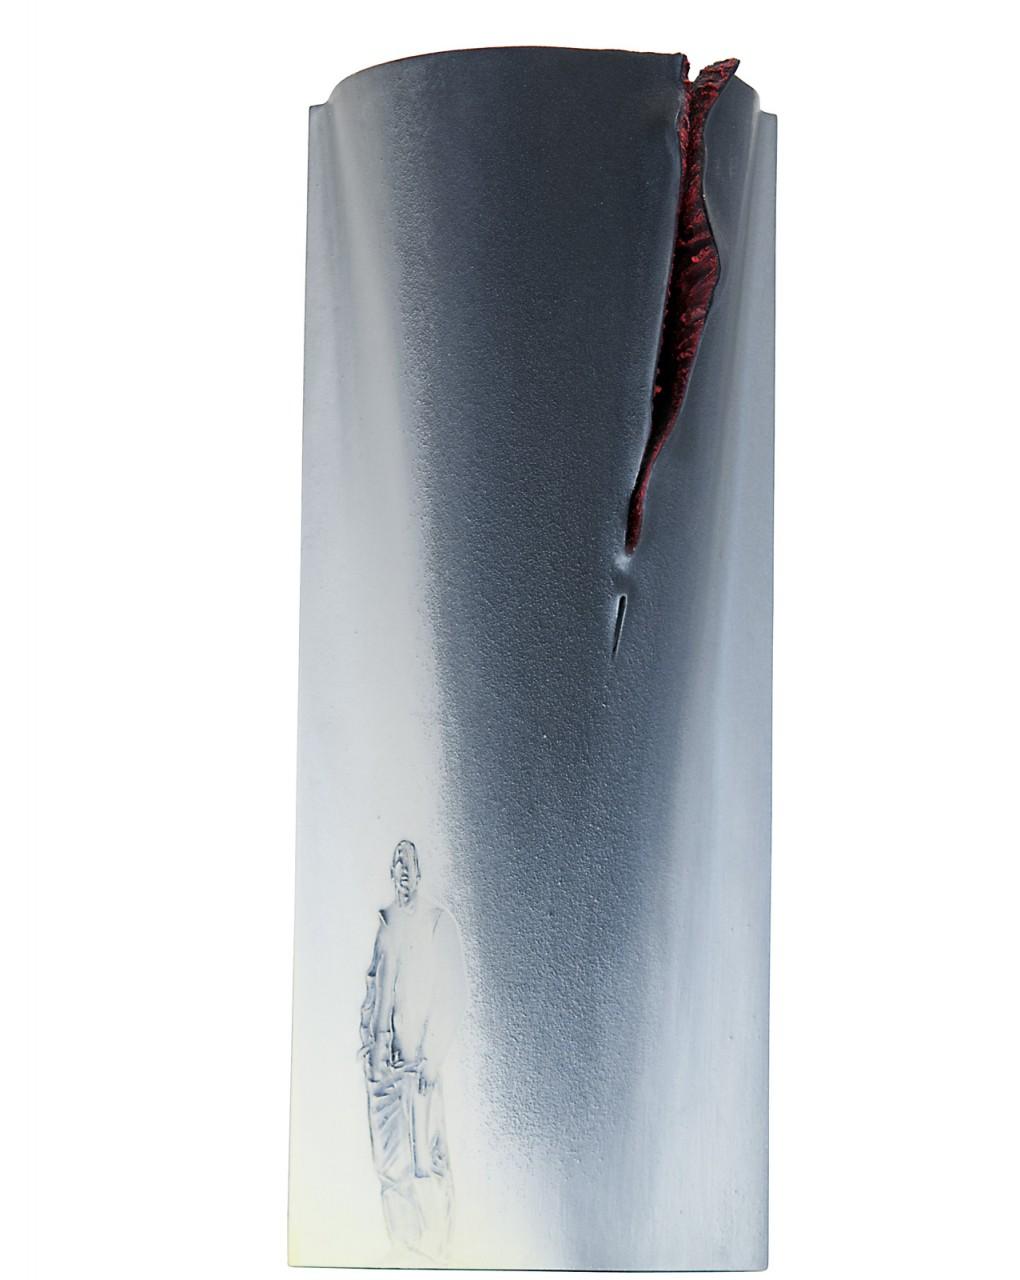 Passeggiata stoica 4 2014 - cm 24,7x61x10 - vetroresina, cartone sagomato, polvere di marmo, sabbia, colori acrilici